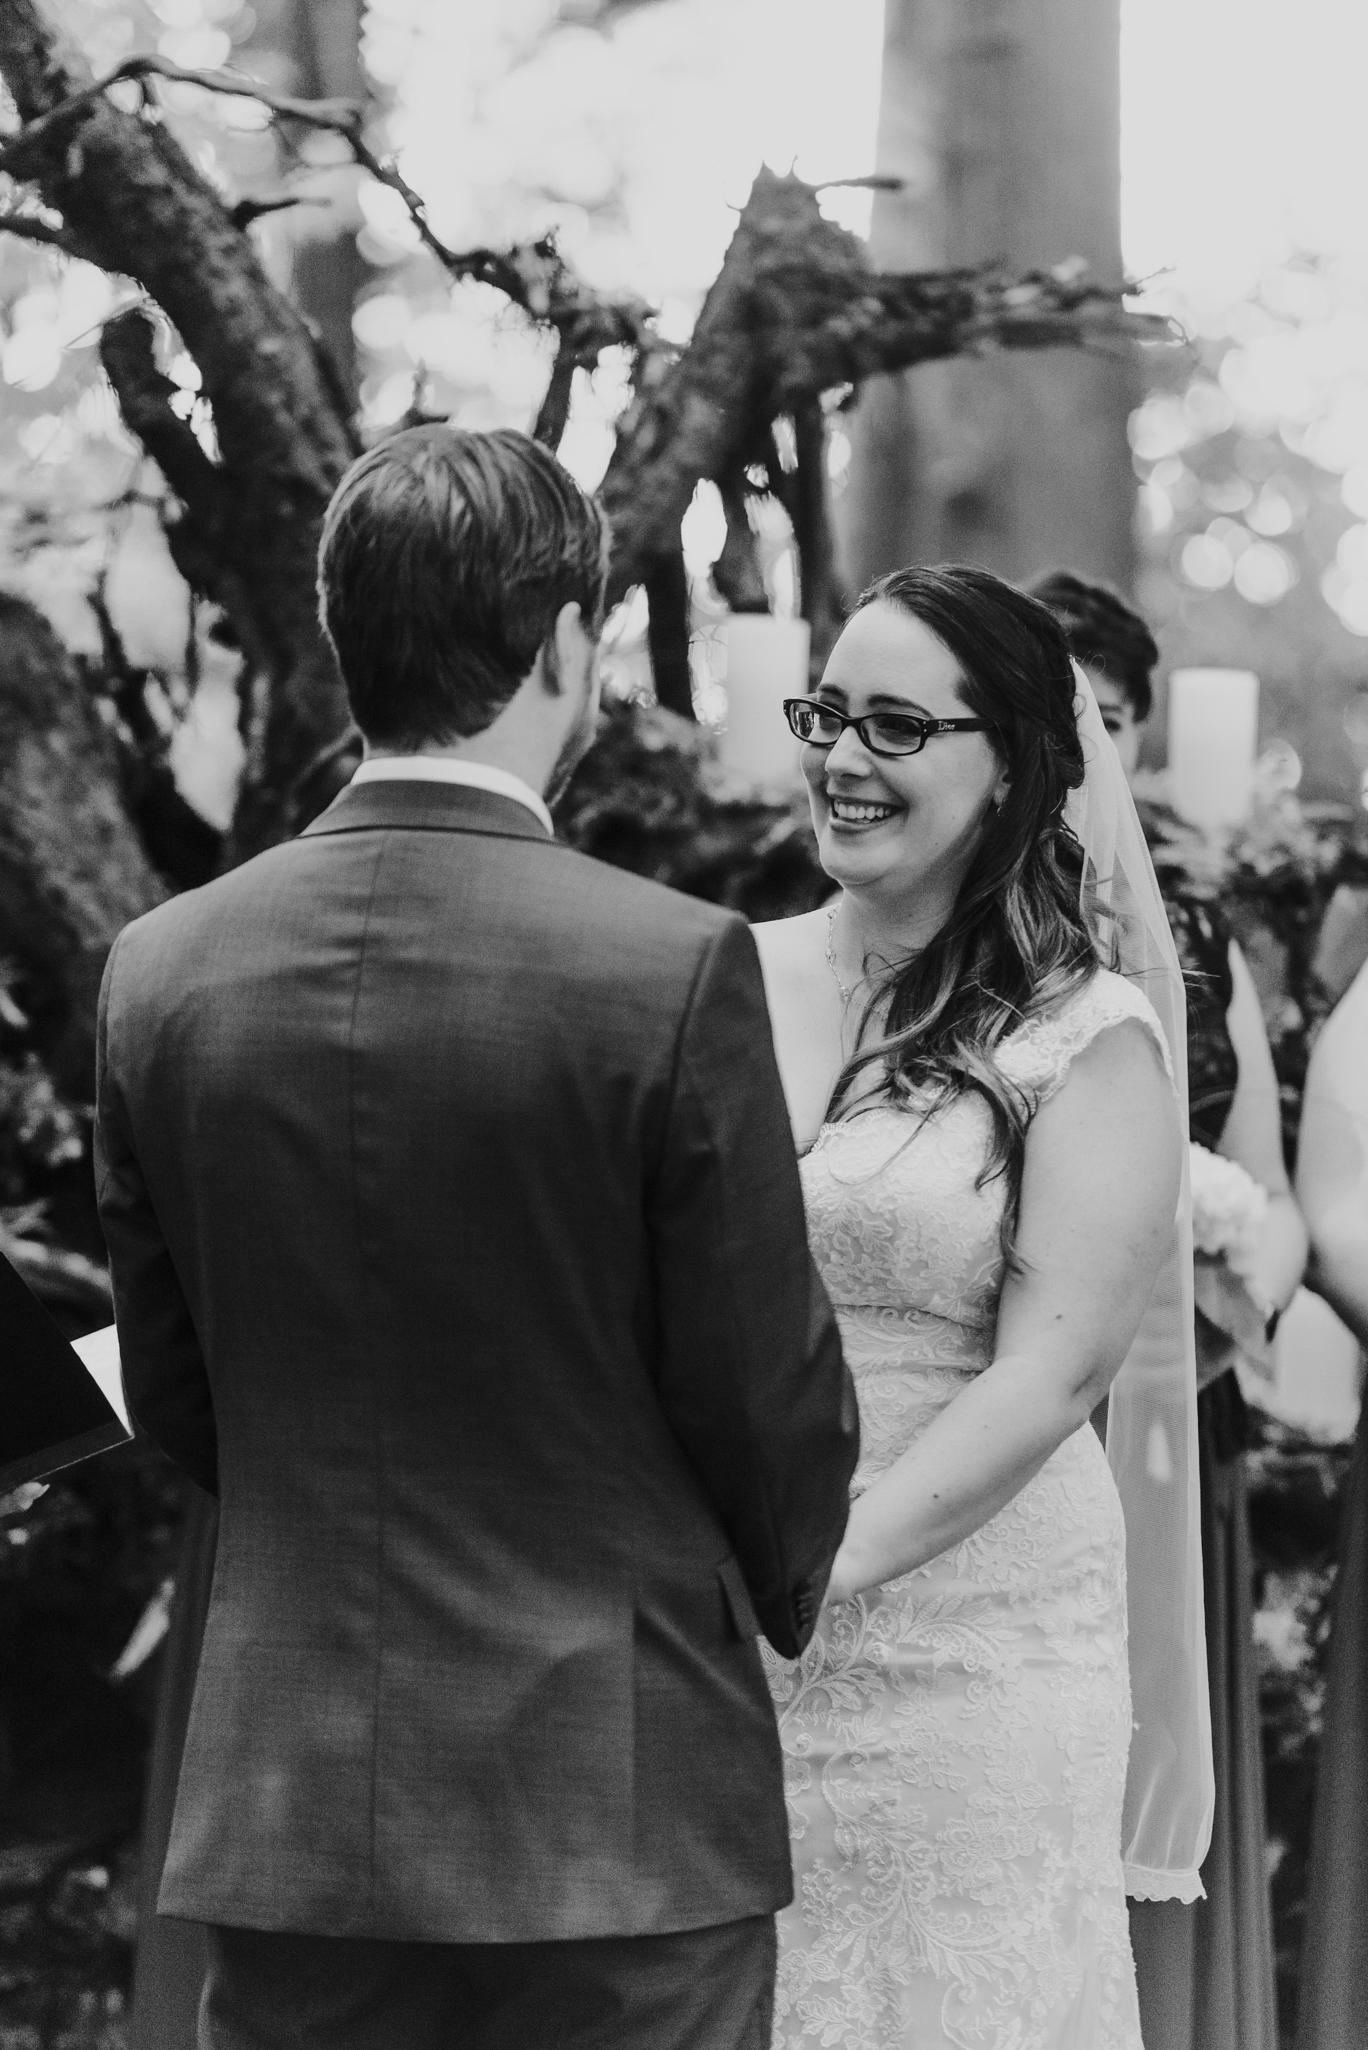 Nicola_Reiersen_Photography_Sea_Cider_Forest_Wedding (64).jpg